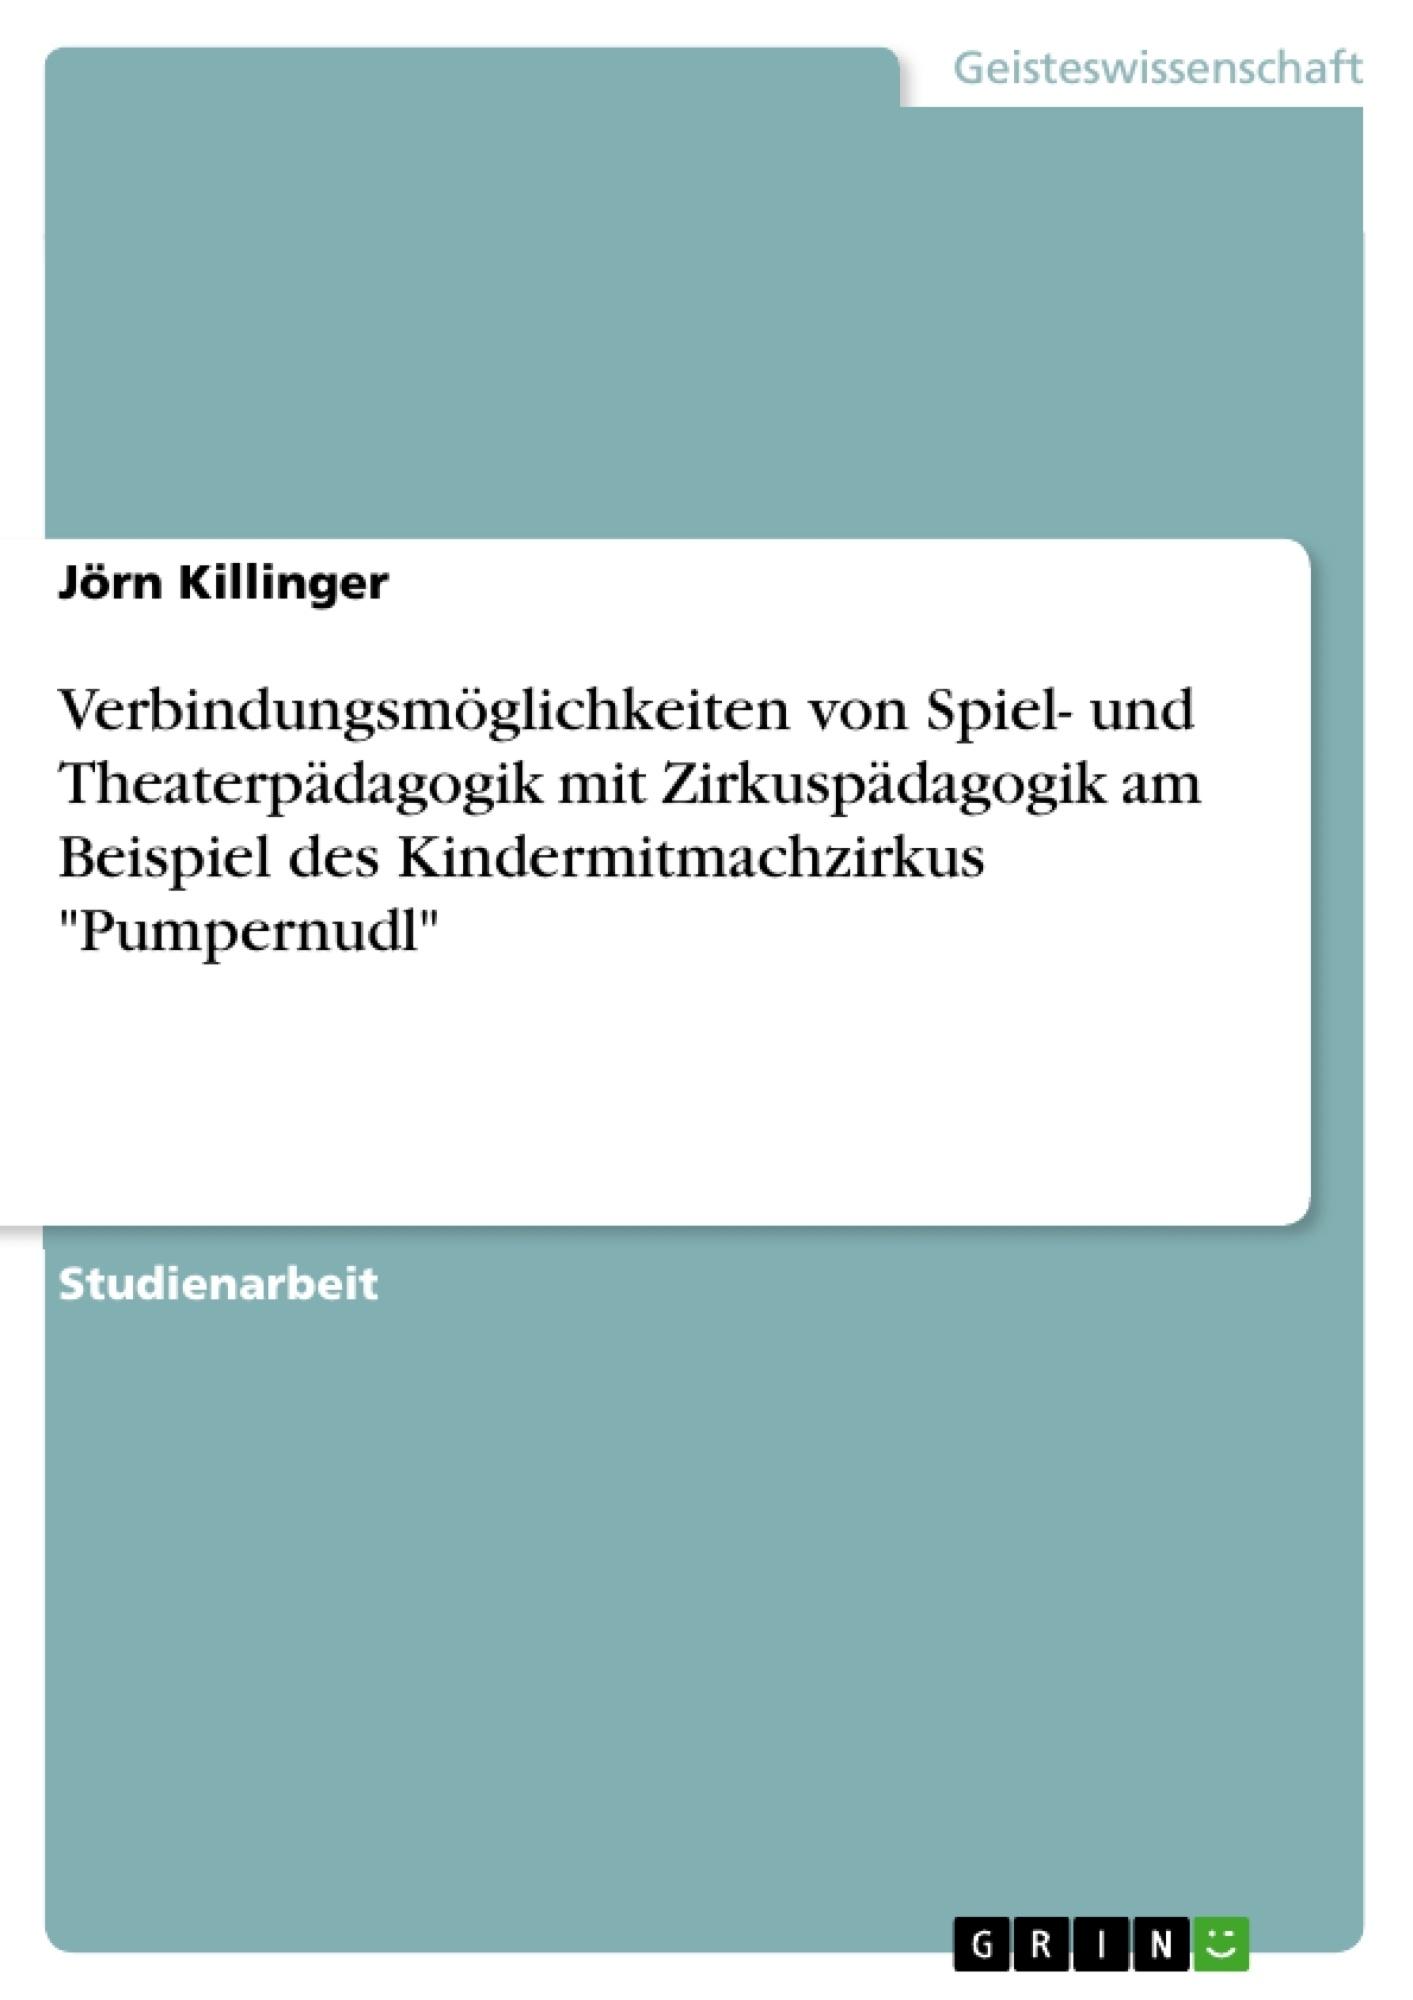 """Titel: Verbindungsmöglichkeiten von Spiel- und Theaterpädagogik mit Zirkuspädagogik am Beispiel des Kindermitmachzirkus """"Pumpernudl"""""""